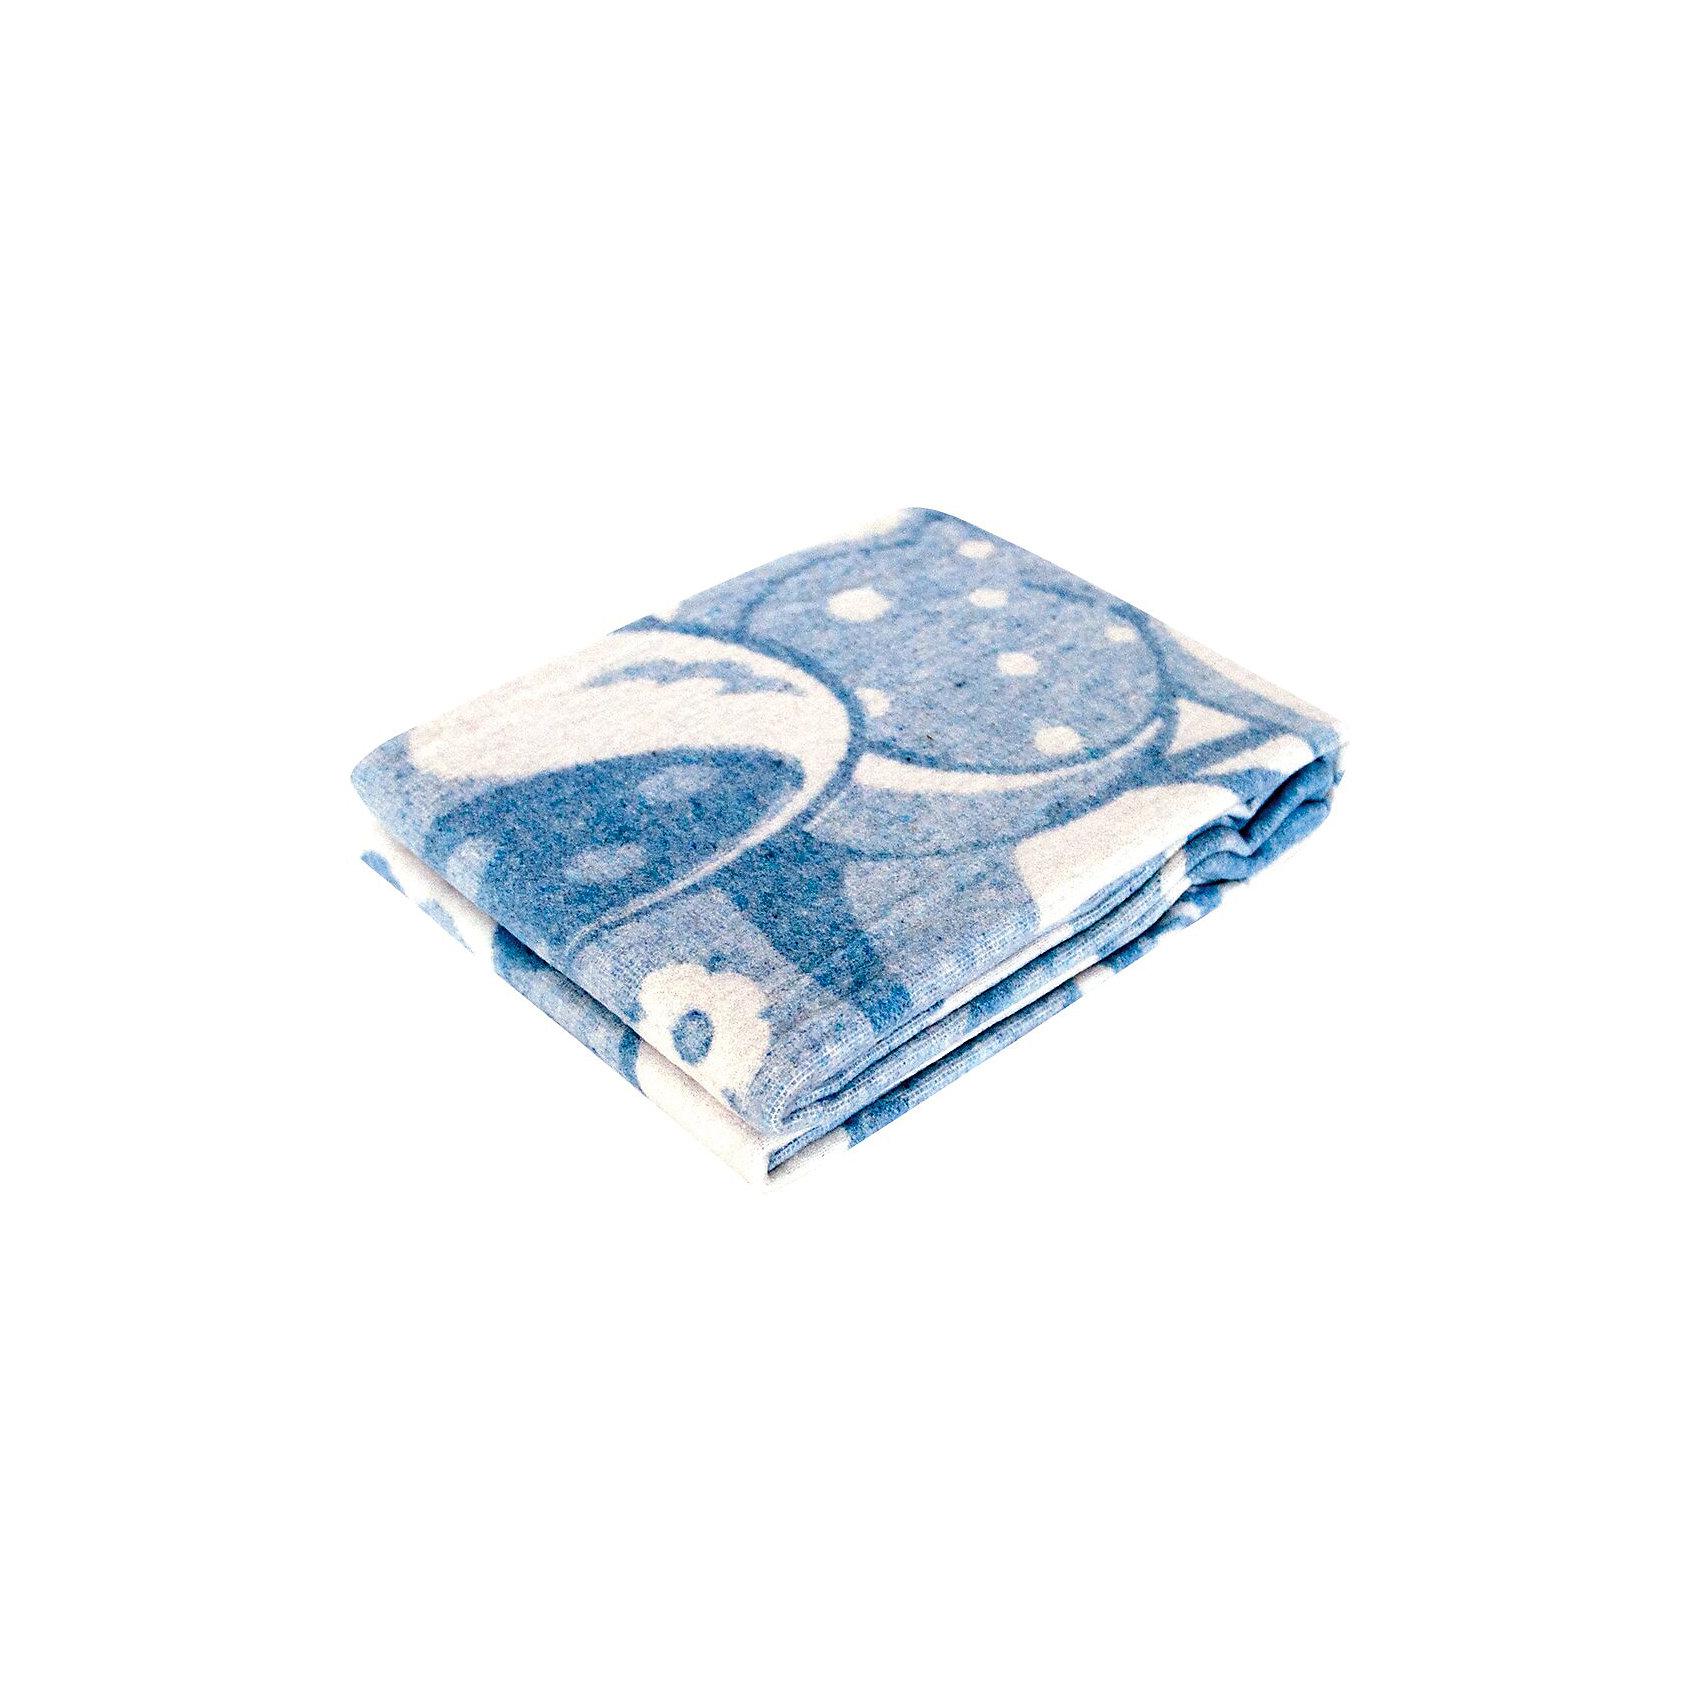 Одеяло байковое Медвежонок, 100х140, Baby Nice, голубойОдеяла, пледы<br>Постельные принадлежности для детей должны быть качественными и безопасными. Это одеяло разработано специально для малышей, оно обеспечивает комфорт на всю ночь. Одеяло украшено симпатичным принтом.<br>Одеяло сшито из натурального дышащего хлопка, приятного на ощупь. Он не вызывает аллергии, что особенно важно для малышей. Оно обеспечит хорошую терморегуляцию, а значит - крепкий сон. Одеяло сделано из высококачественных материалов, безопасных для ребенка.<br><br>Дополнительная информация:<br><br>цвет: голубой;<br>материал: хлопок, жаккард;<br>принт;<br>размер: 100 х 140 см.<br><br>Одеяло байковое Медвежонок, 100х140 от компании Baby Nice можно купить в нашем магазине.<br><br>Ширина мм: 230<br>Глубина мм: 250<br>Высота мм: 40<br>Вес г: 500<br>Возраст от месяцев: 0<br>Возраст до месяцев: 36<br>Пол: Унисекс<br>Возраст: Детский<br>SKU: 4941754